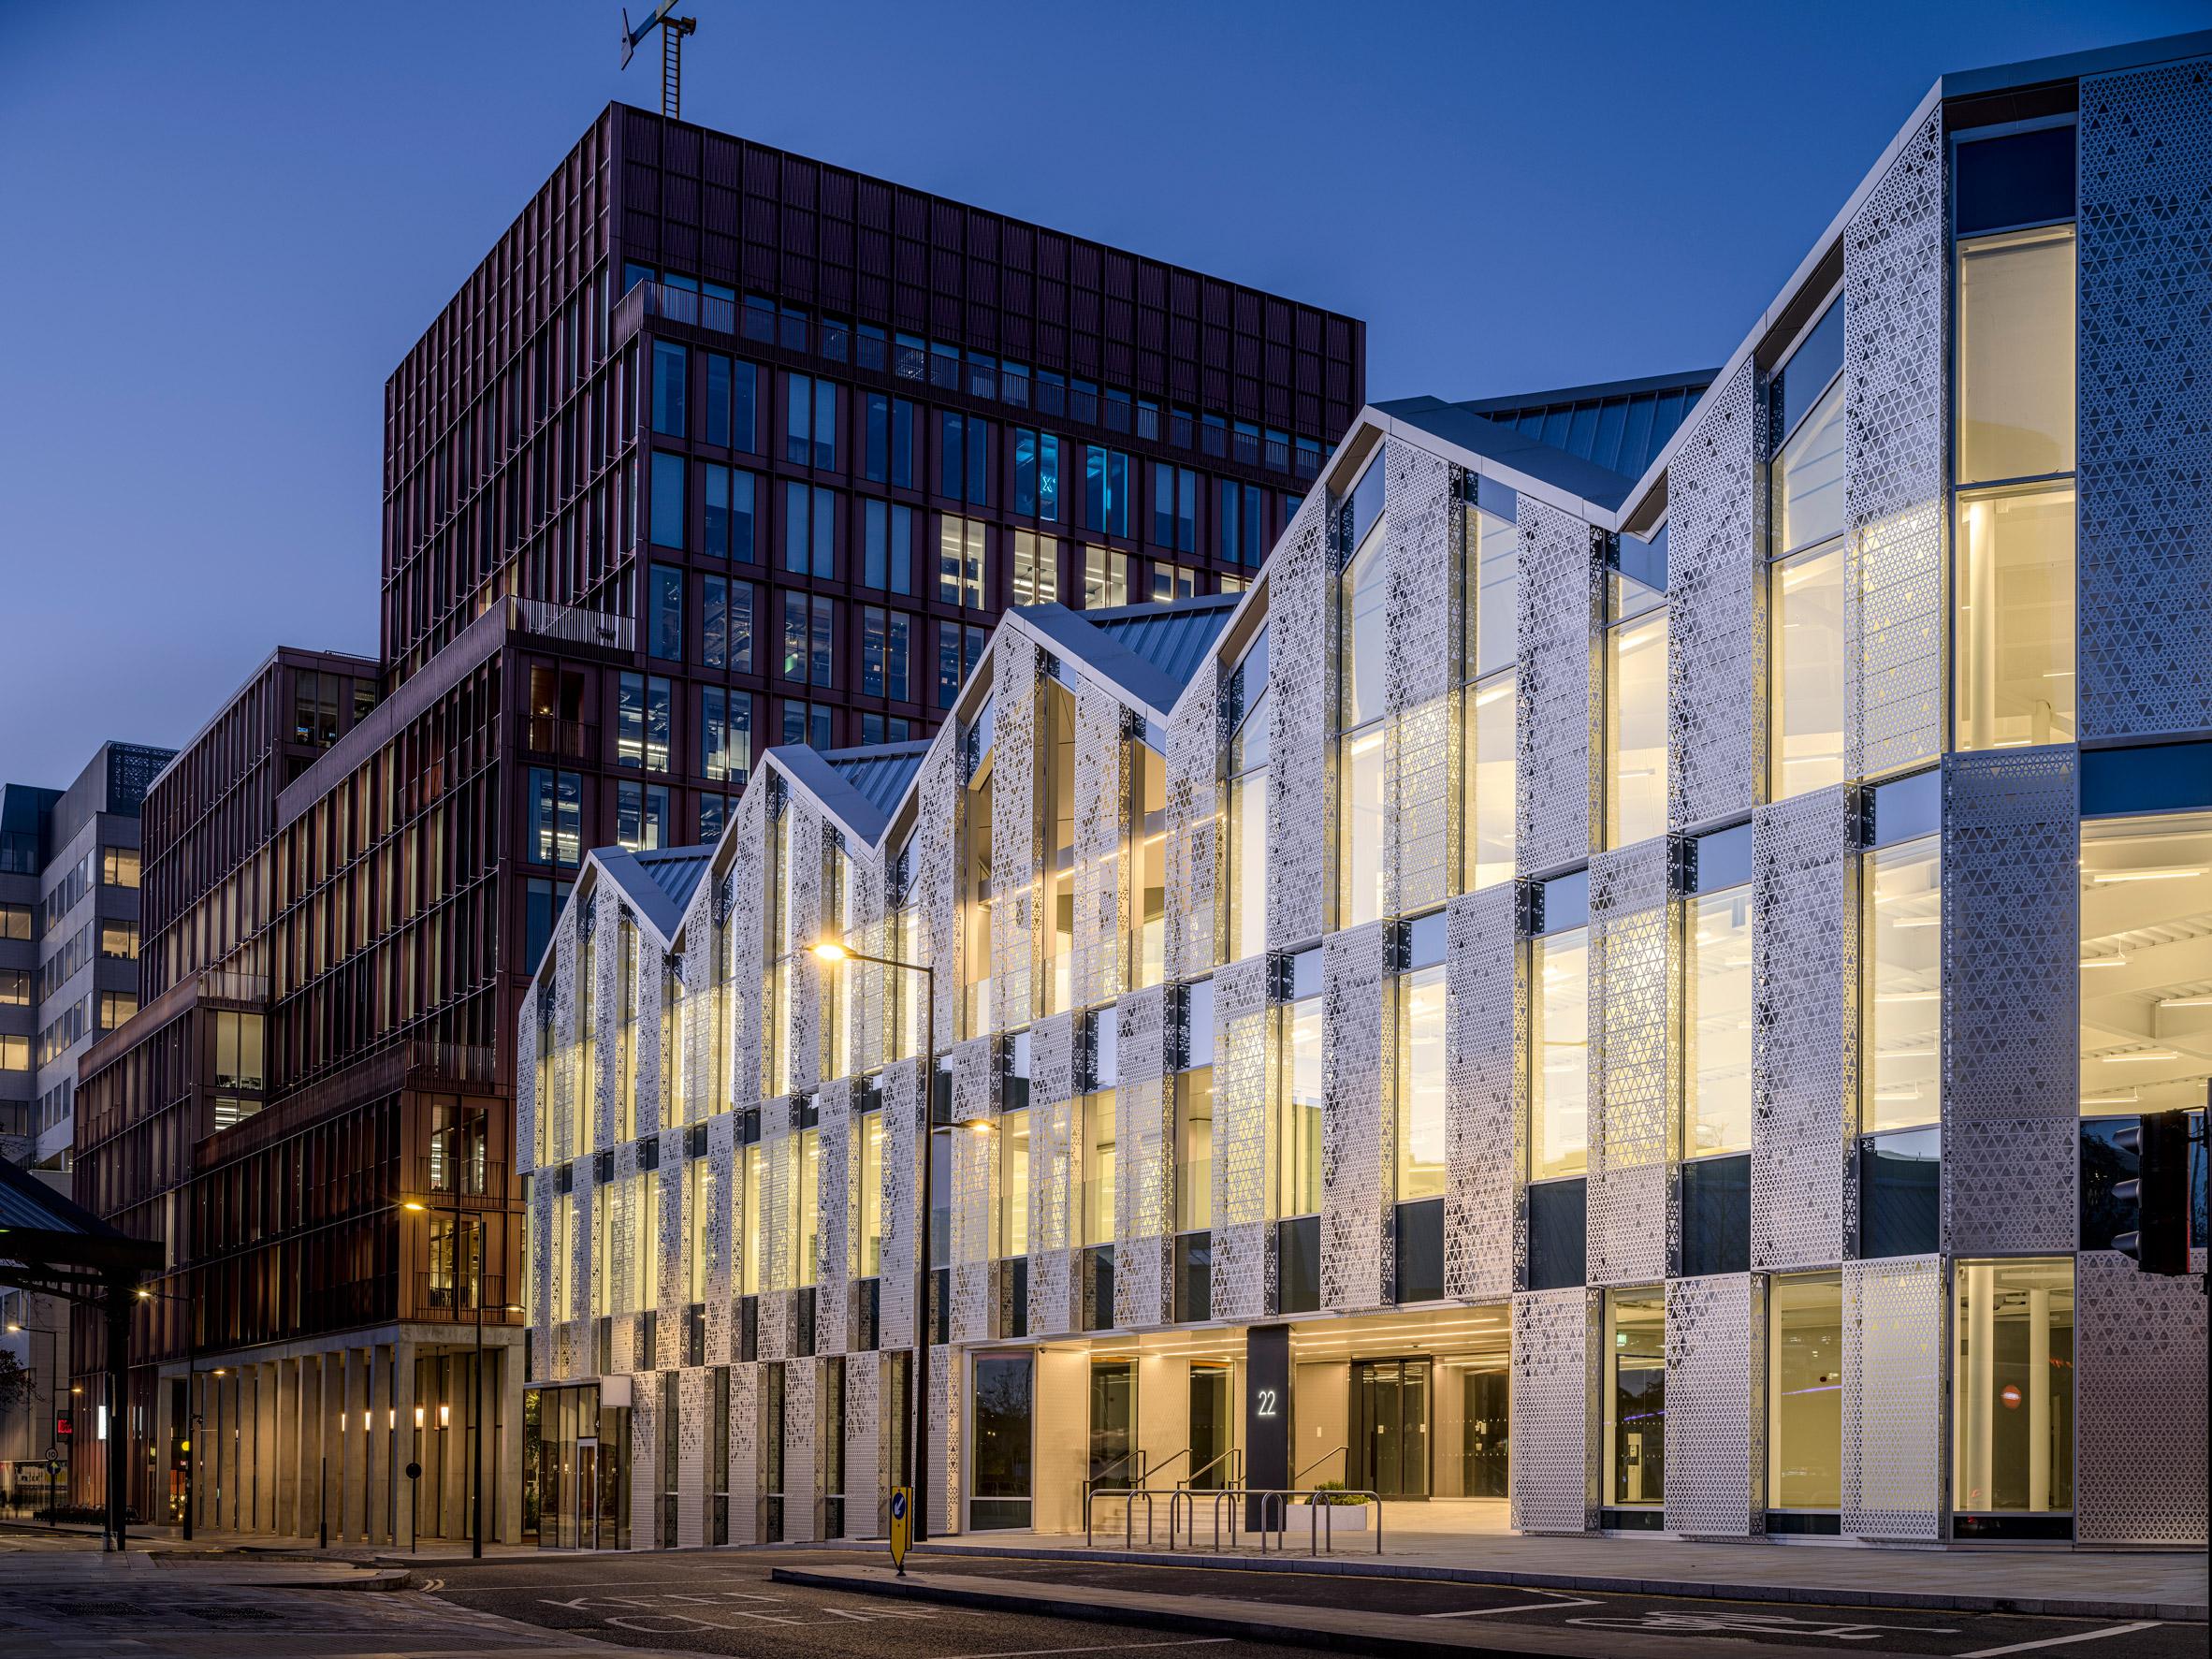 Office block in King's Cross